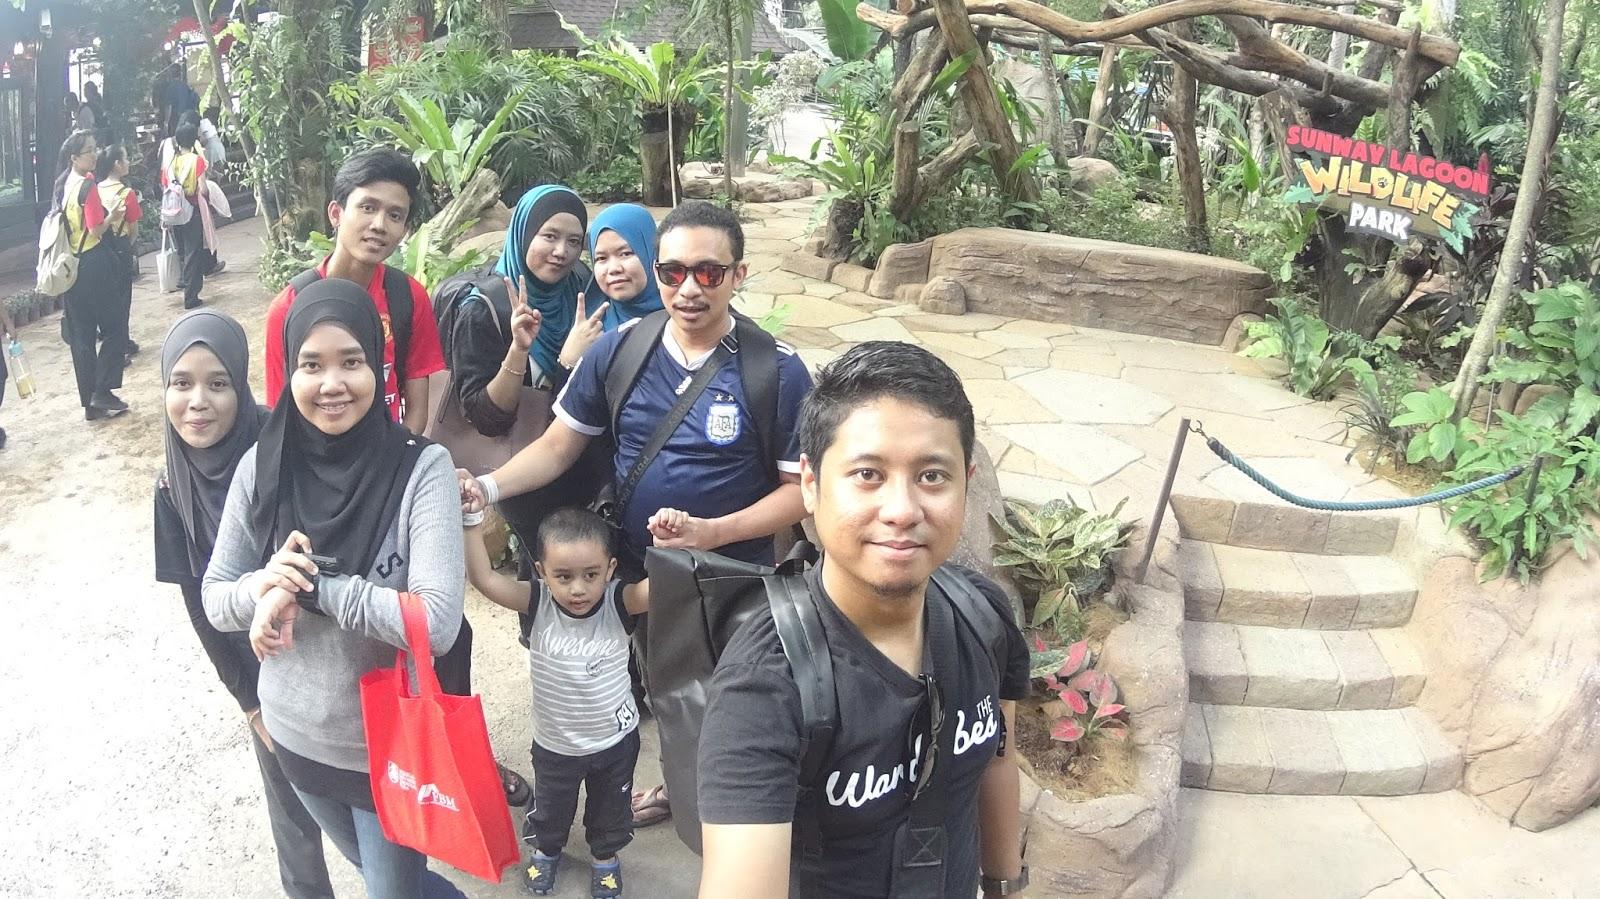 Fanaaaa Family Fun Day Sunway Lagoon Video Malaysia Et Ticket Dewasa Kuala Lumpur So Total Semua Sekali Rm700 Untuk 7 Orang Dan Seorang Kanak Berbaloi Sangat Sebab Dapat Main Tempat Dalam Tanpa